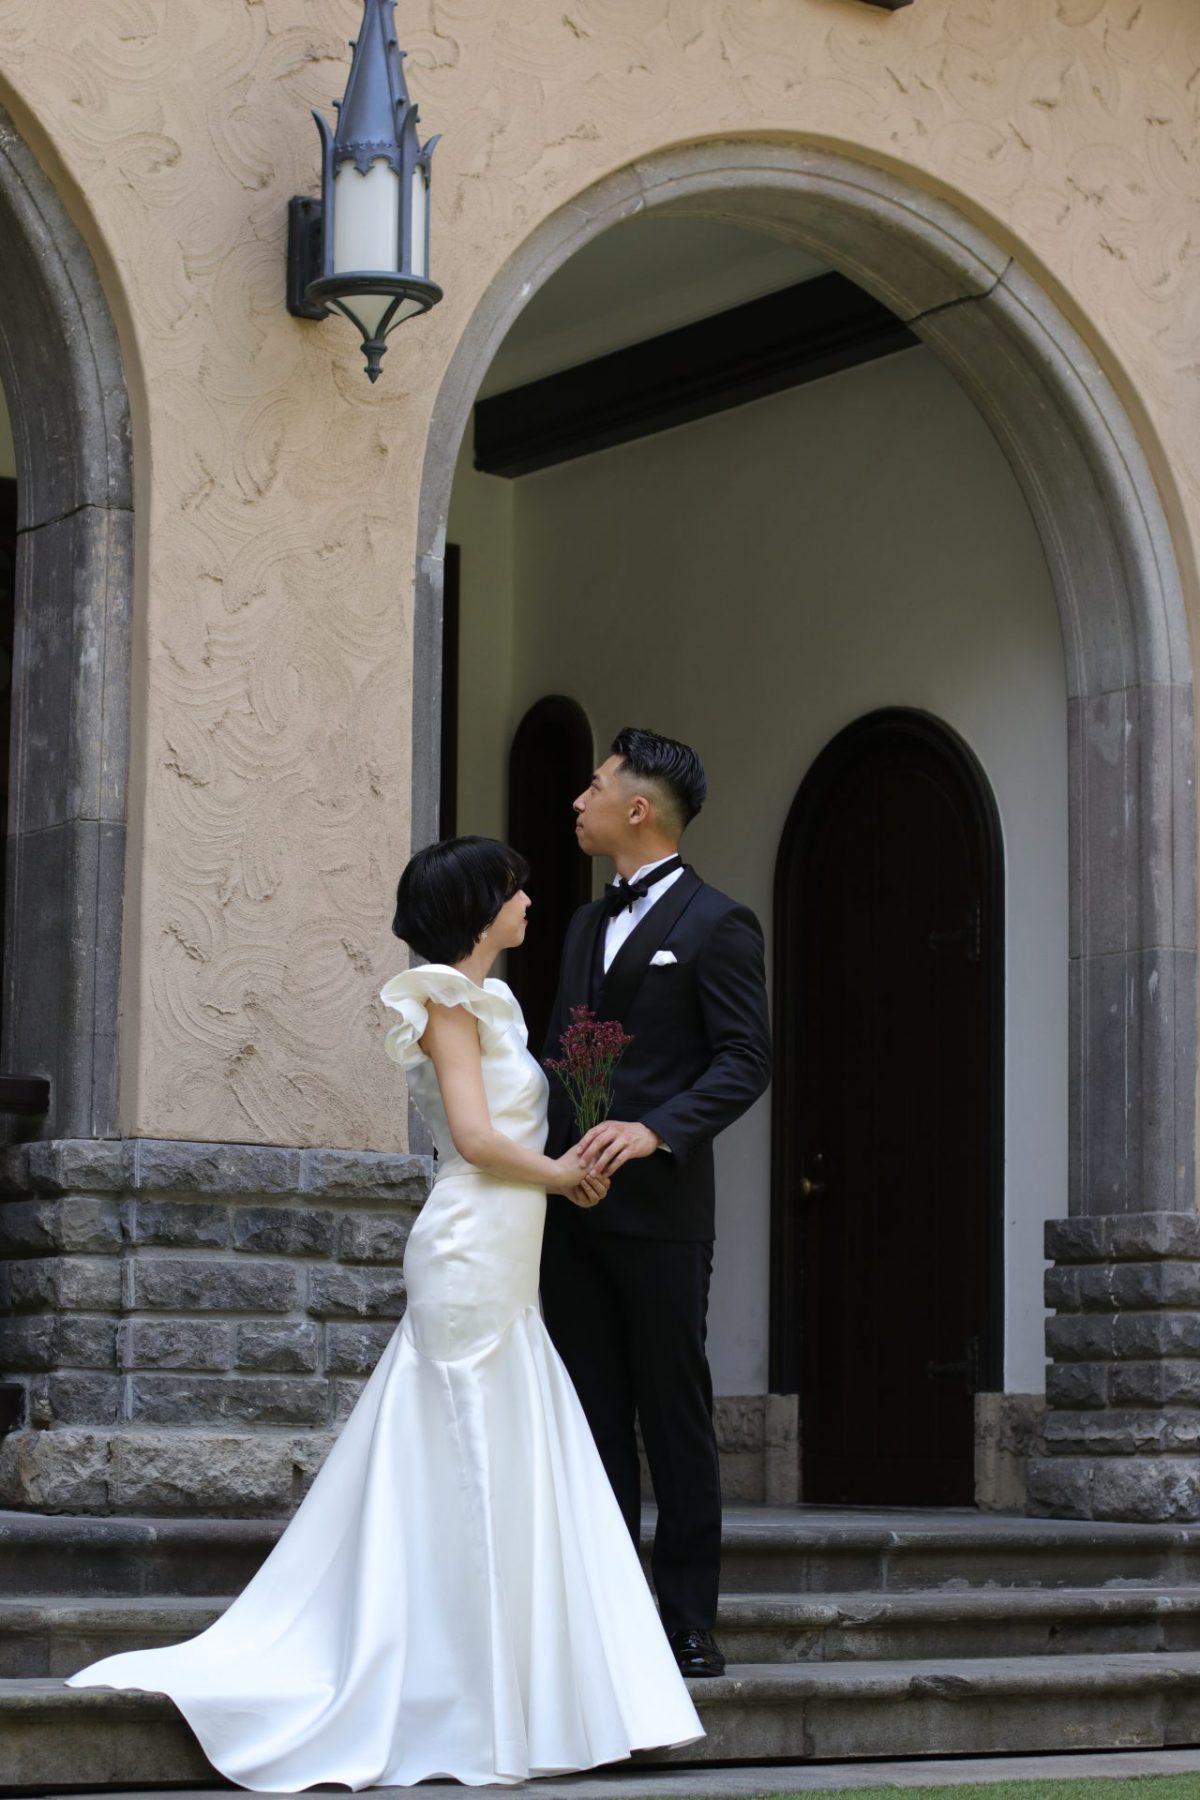 東京で人気の洋館での前撮りや結婚式はサテンのウェディングドレスとブラックのタキシードでトータルコーディネートするとクラシックでレトロな印象になります